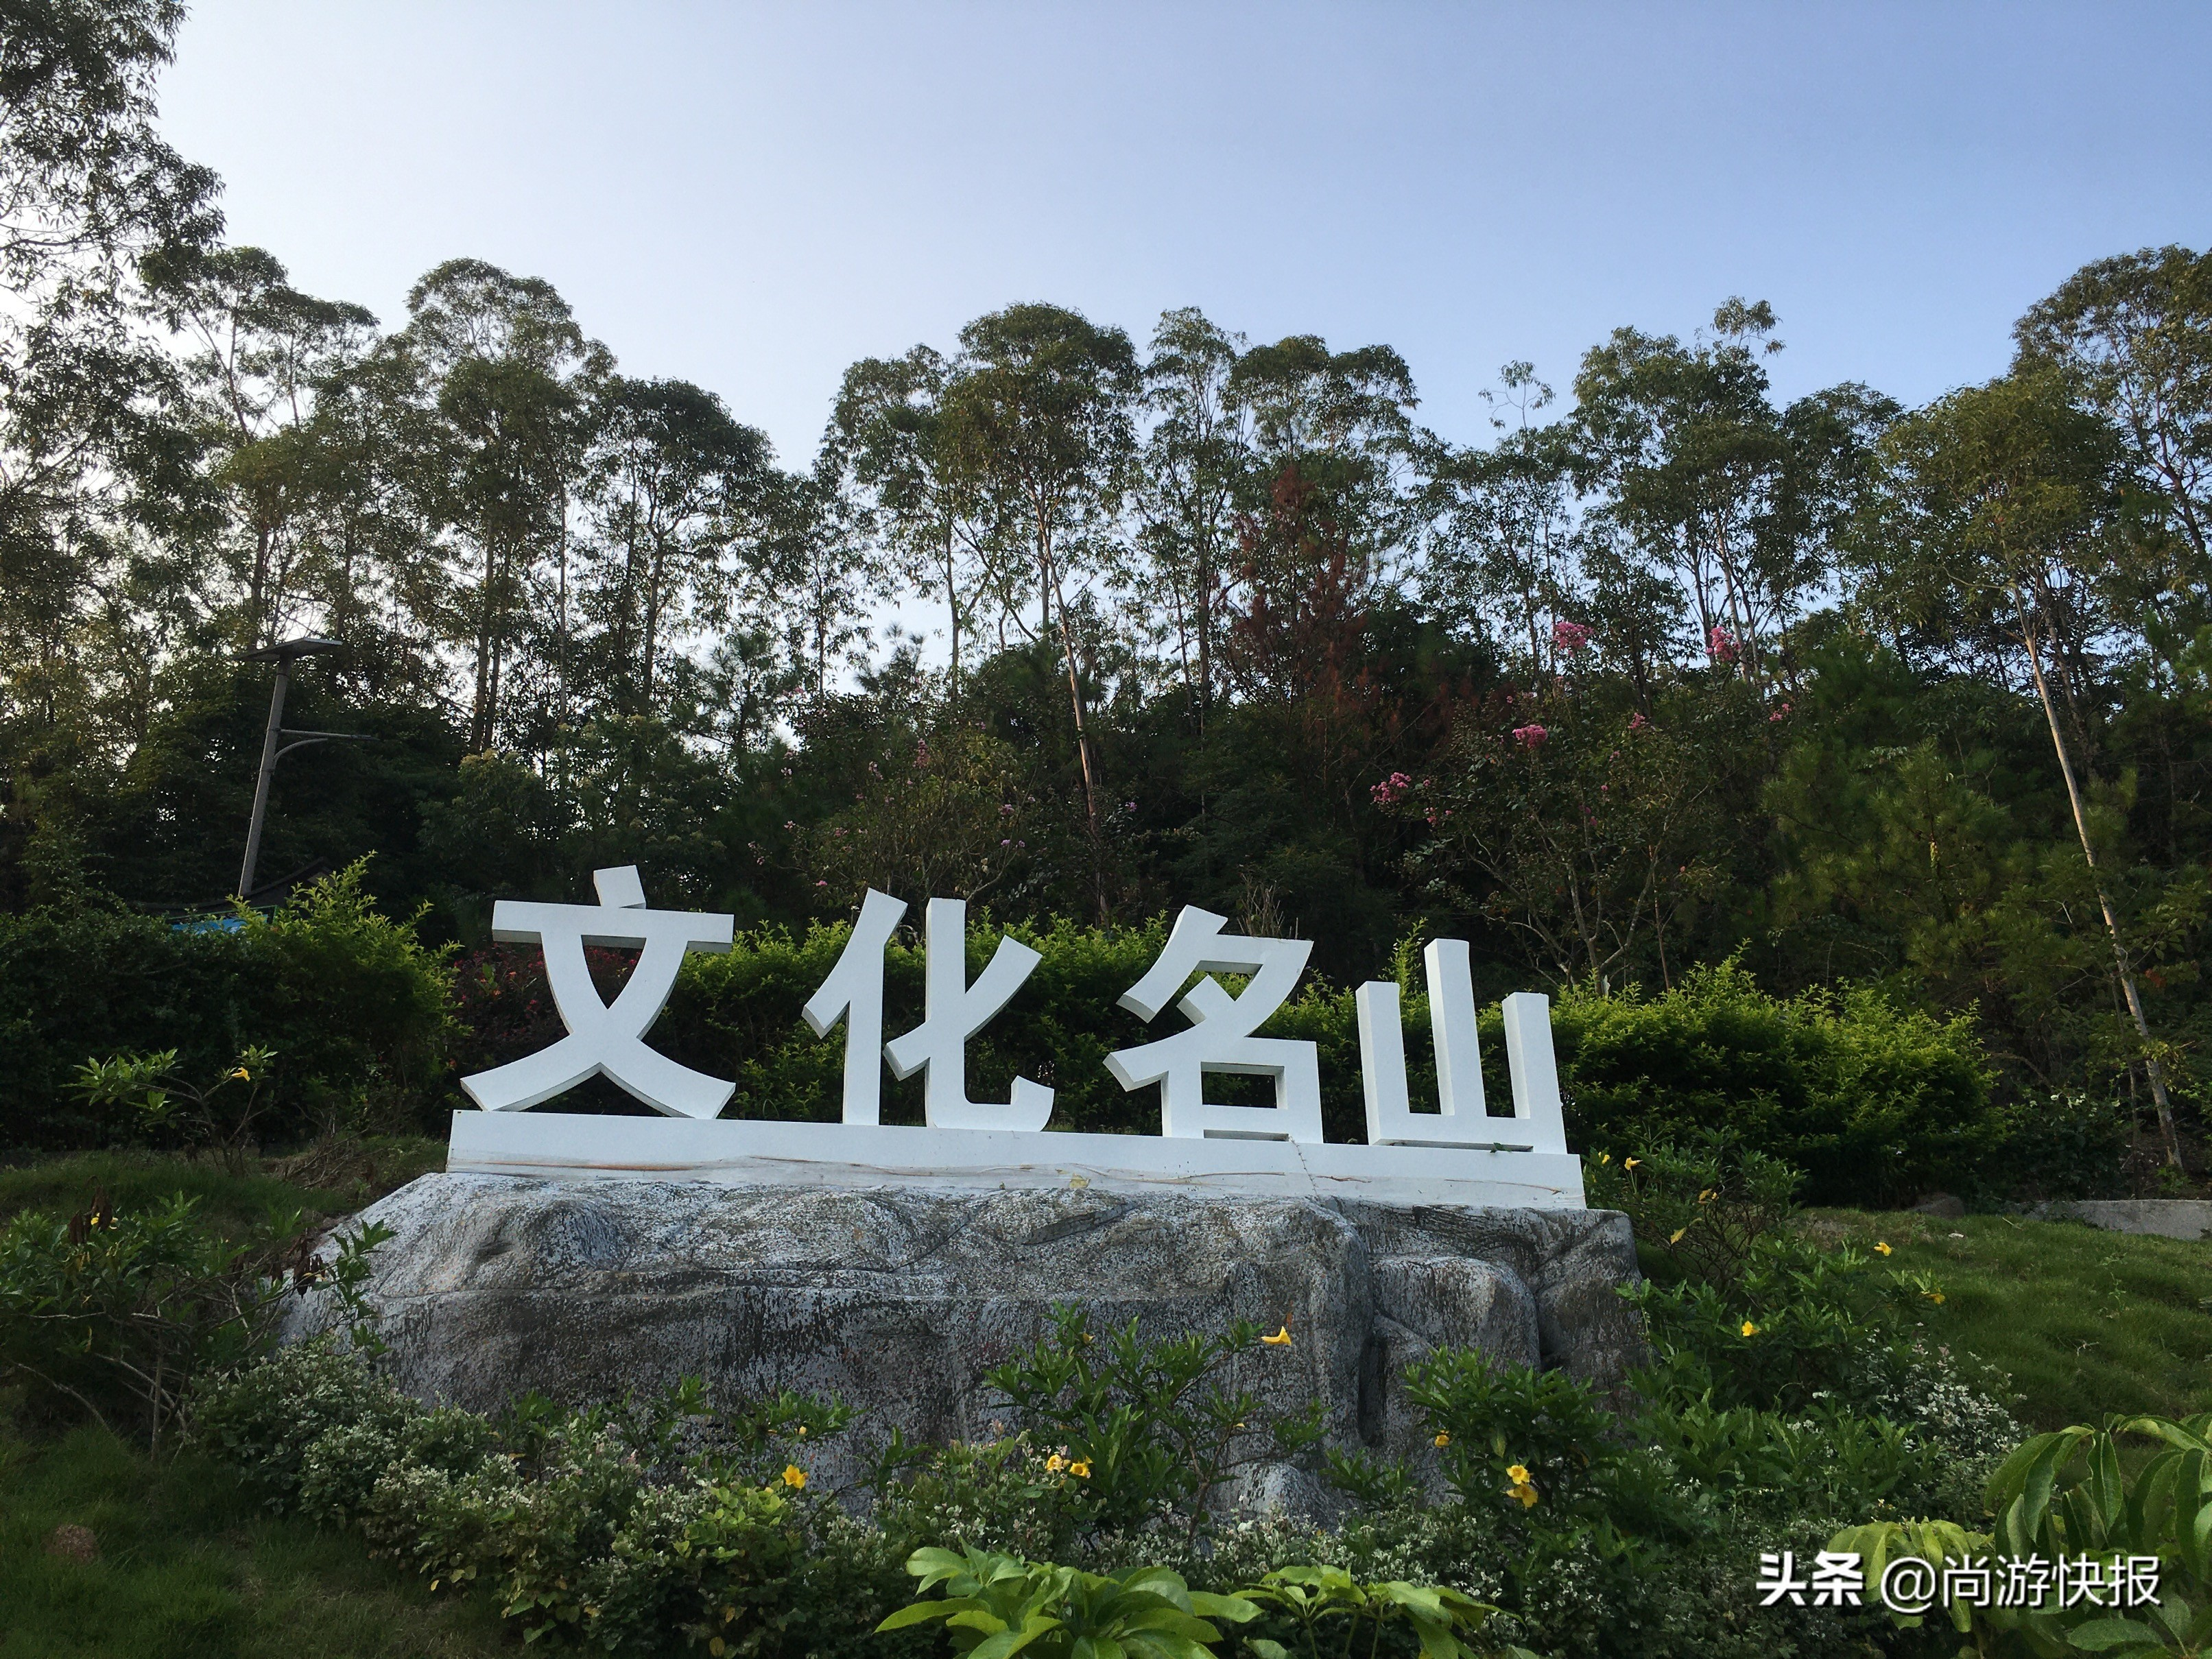 广东东莞观音山:传承优秀传统文化 践行新发展理念